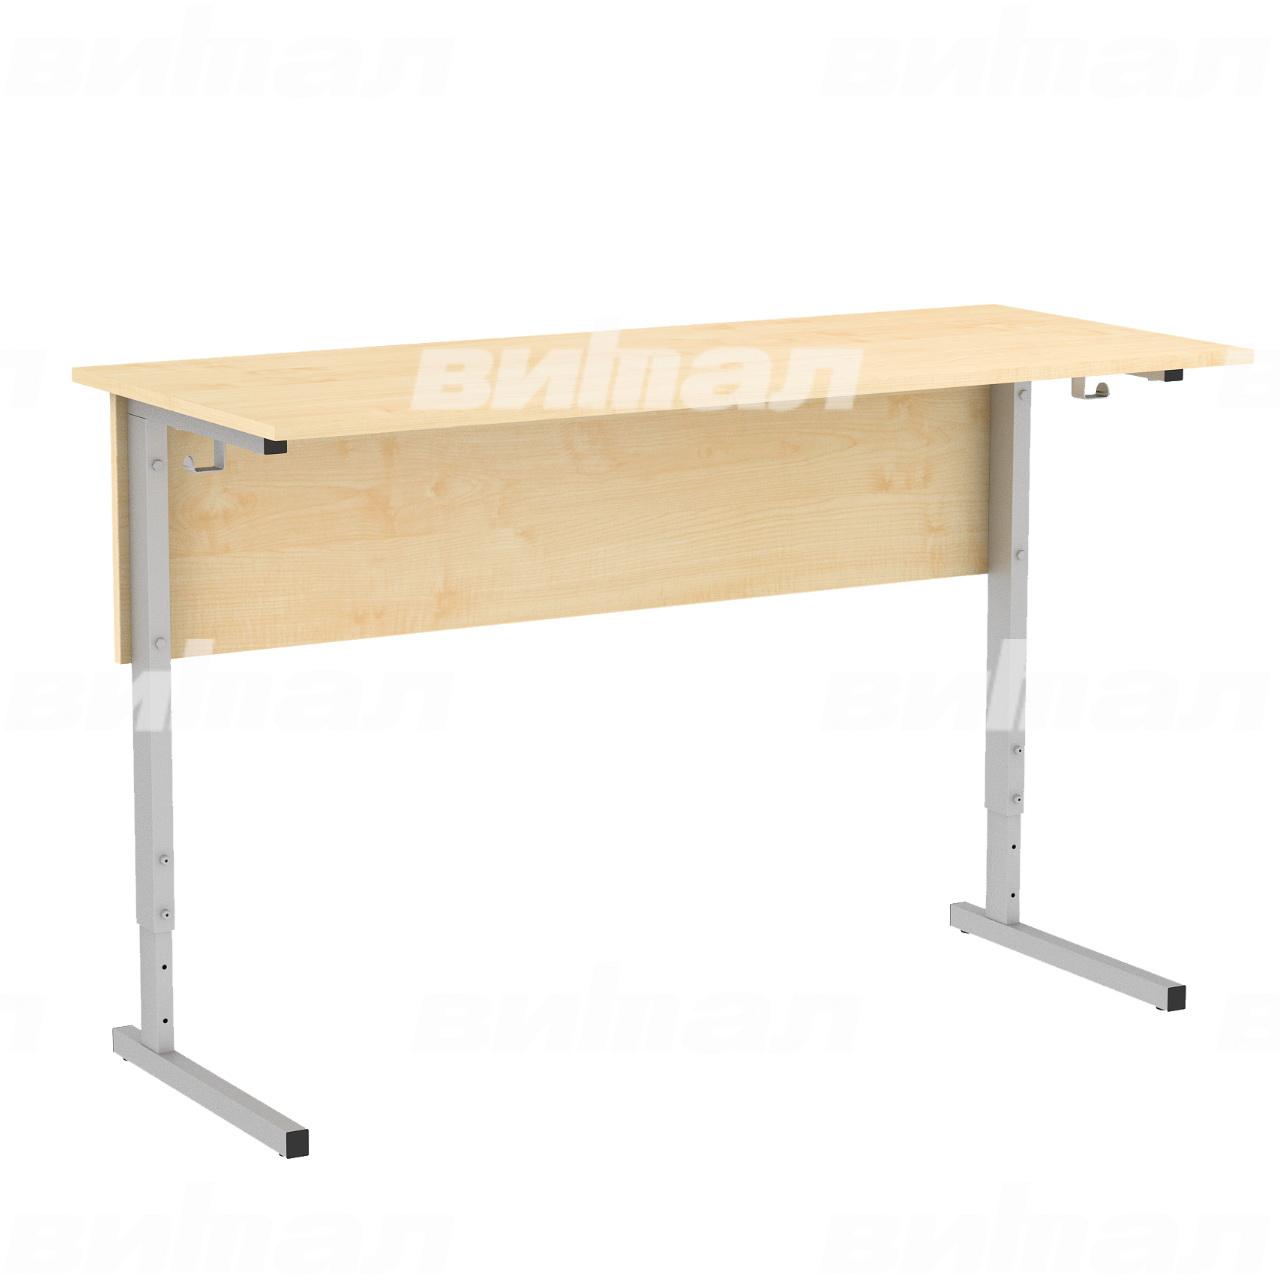 Стол ученический 2-местный регулируемый (гр. 2-4, 3-5 или 4-6) серый Клен 4-6 Меламин